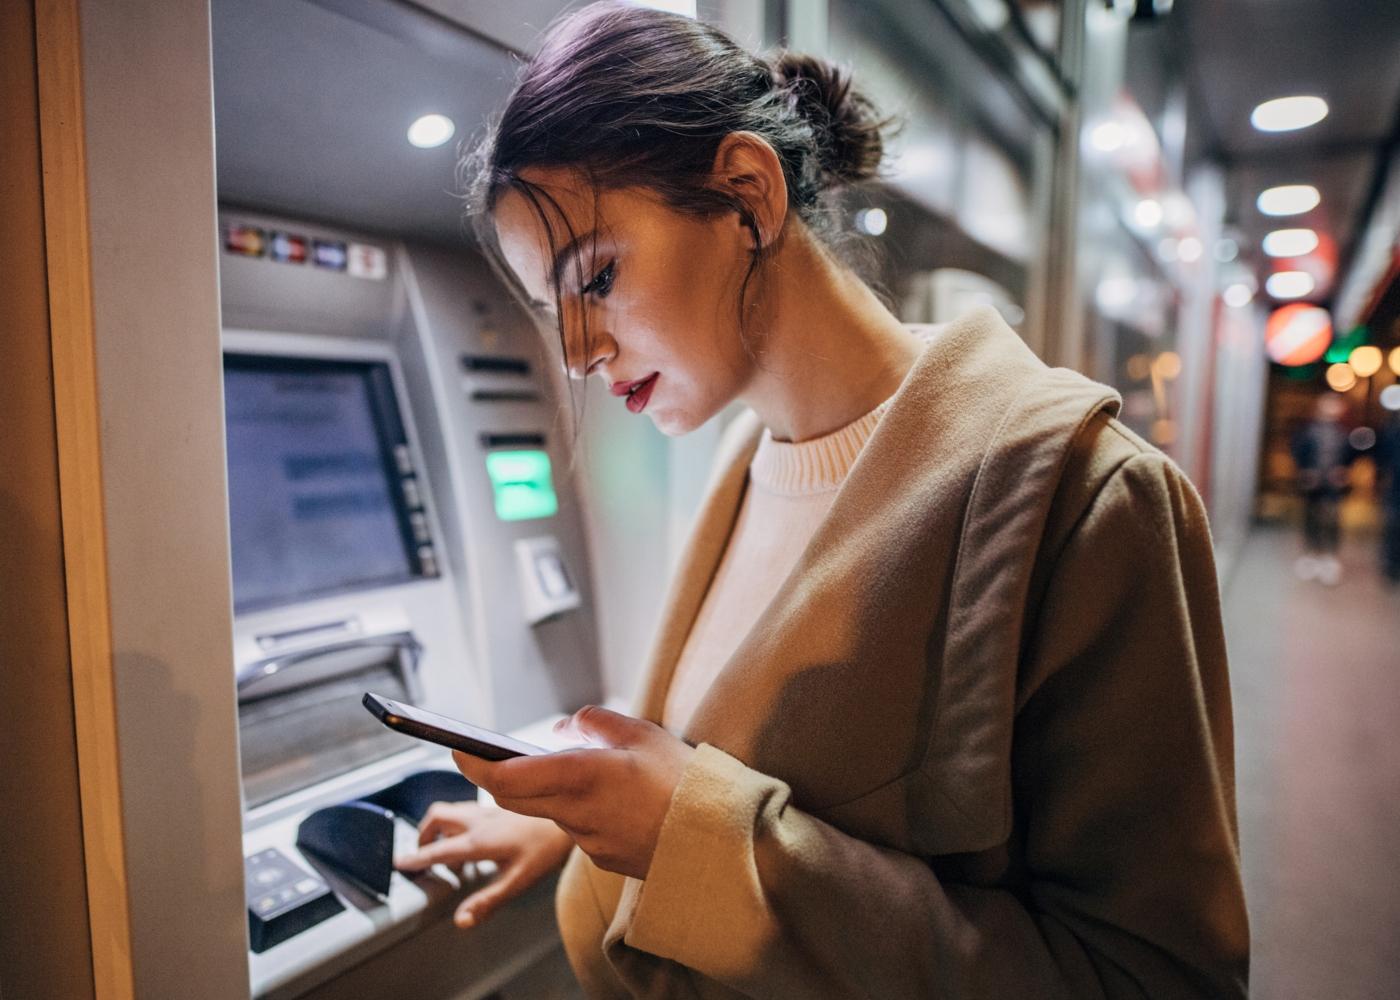 Mulher a fazer transferência bancária numa caixa Multibanco